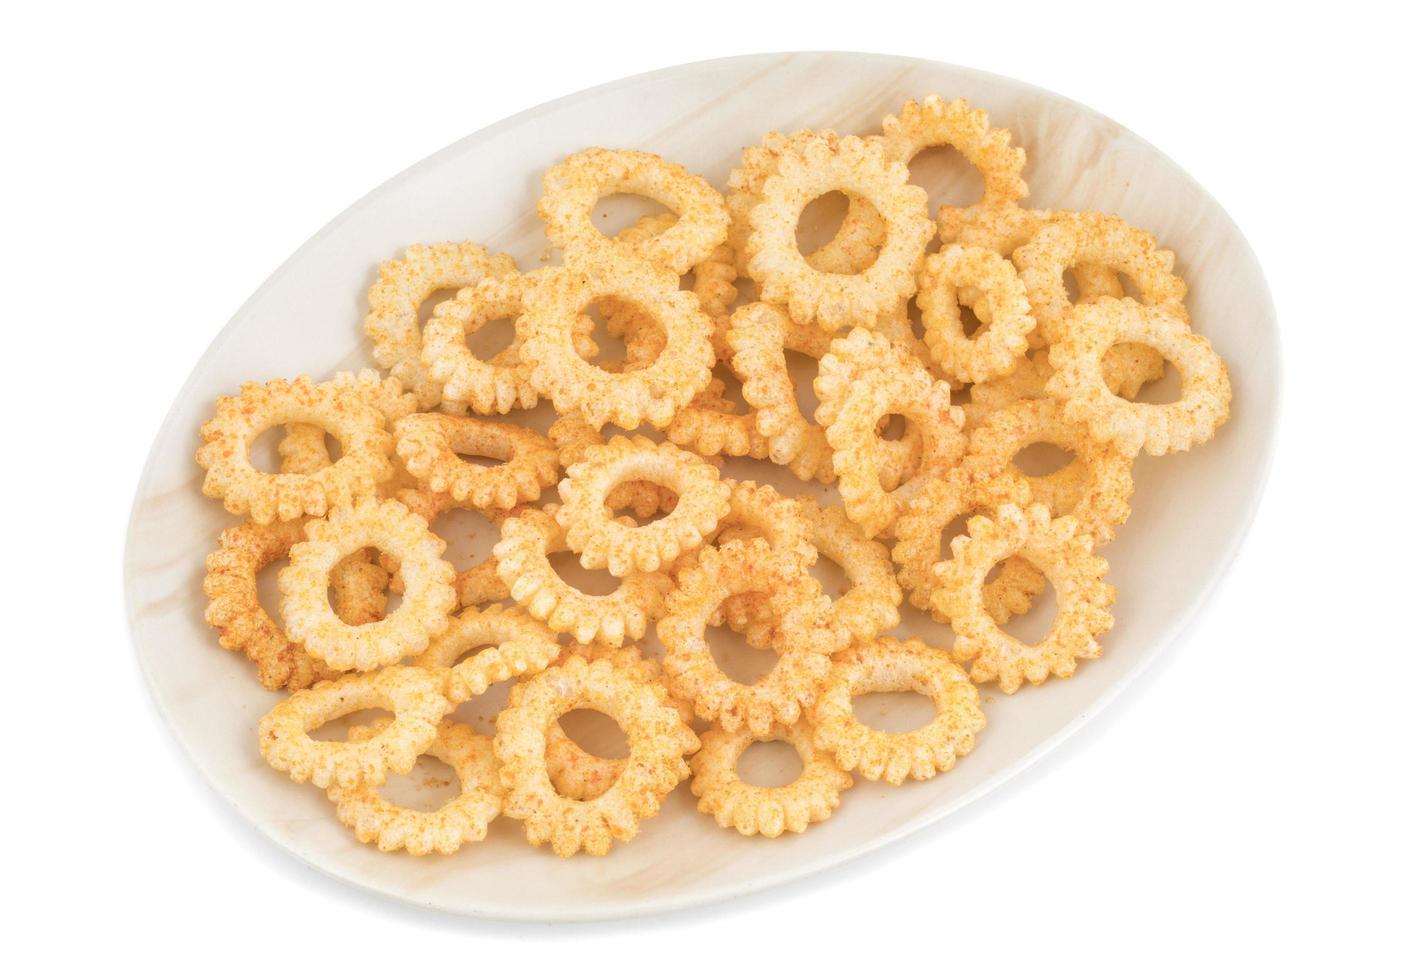 tallrik med runda snacks foto